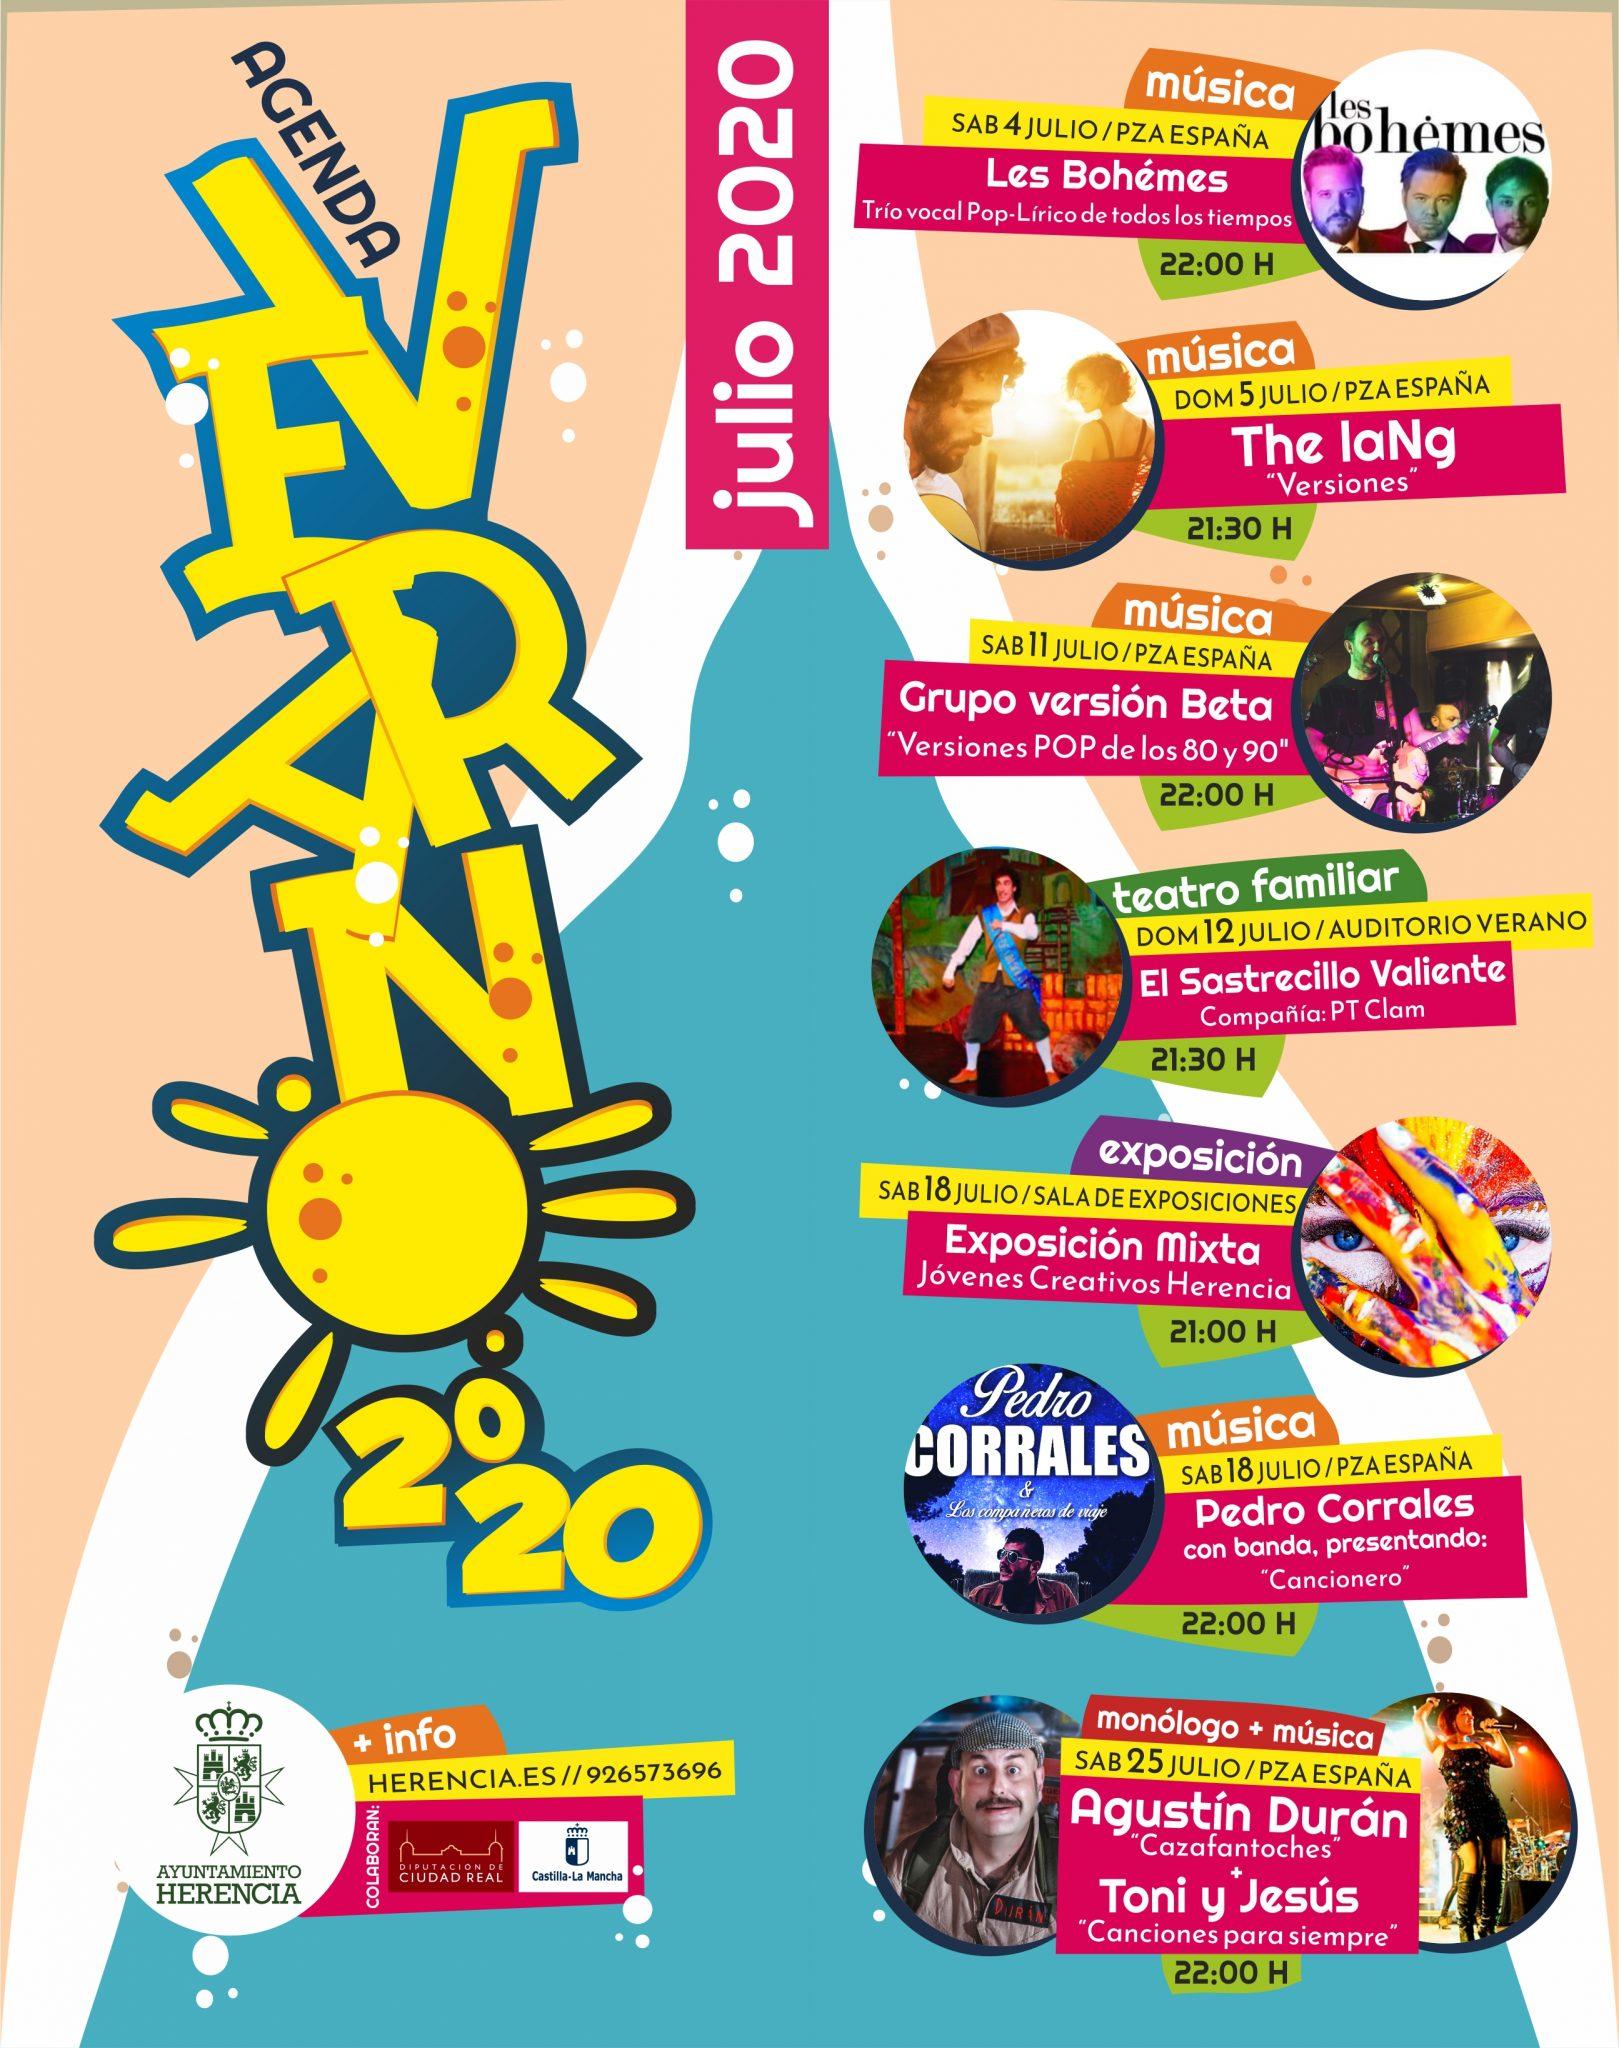 Herencia programa un verano cultural al aire libre para reactivar la economía del municipio 6